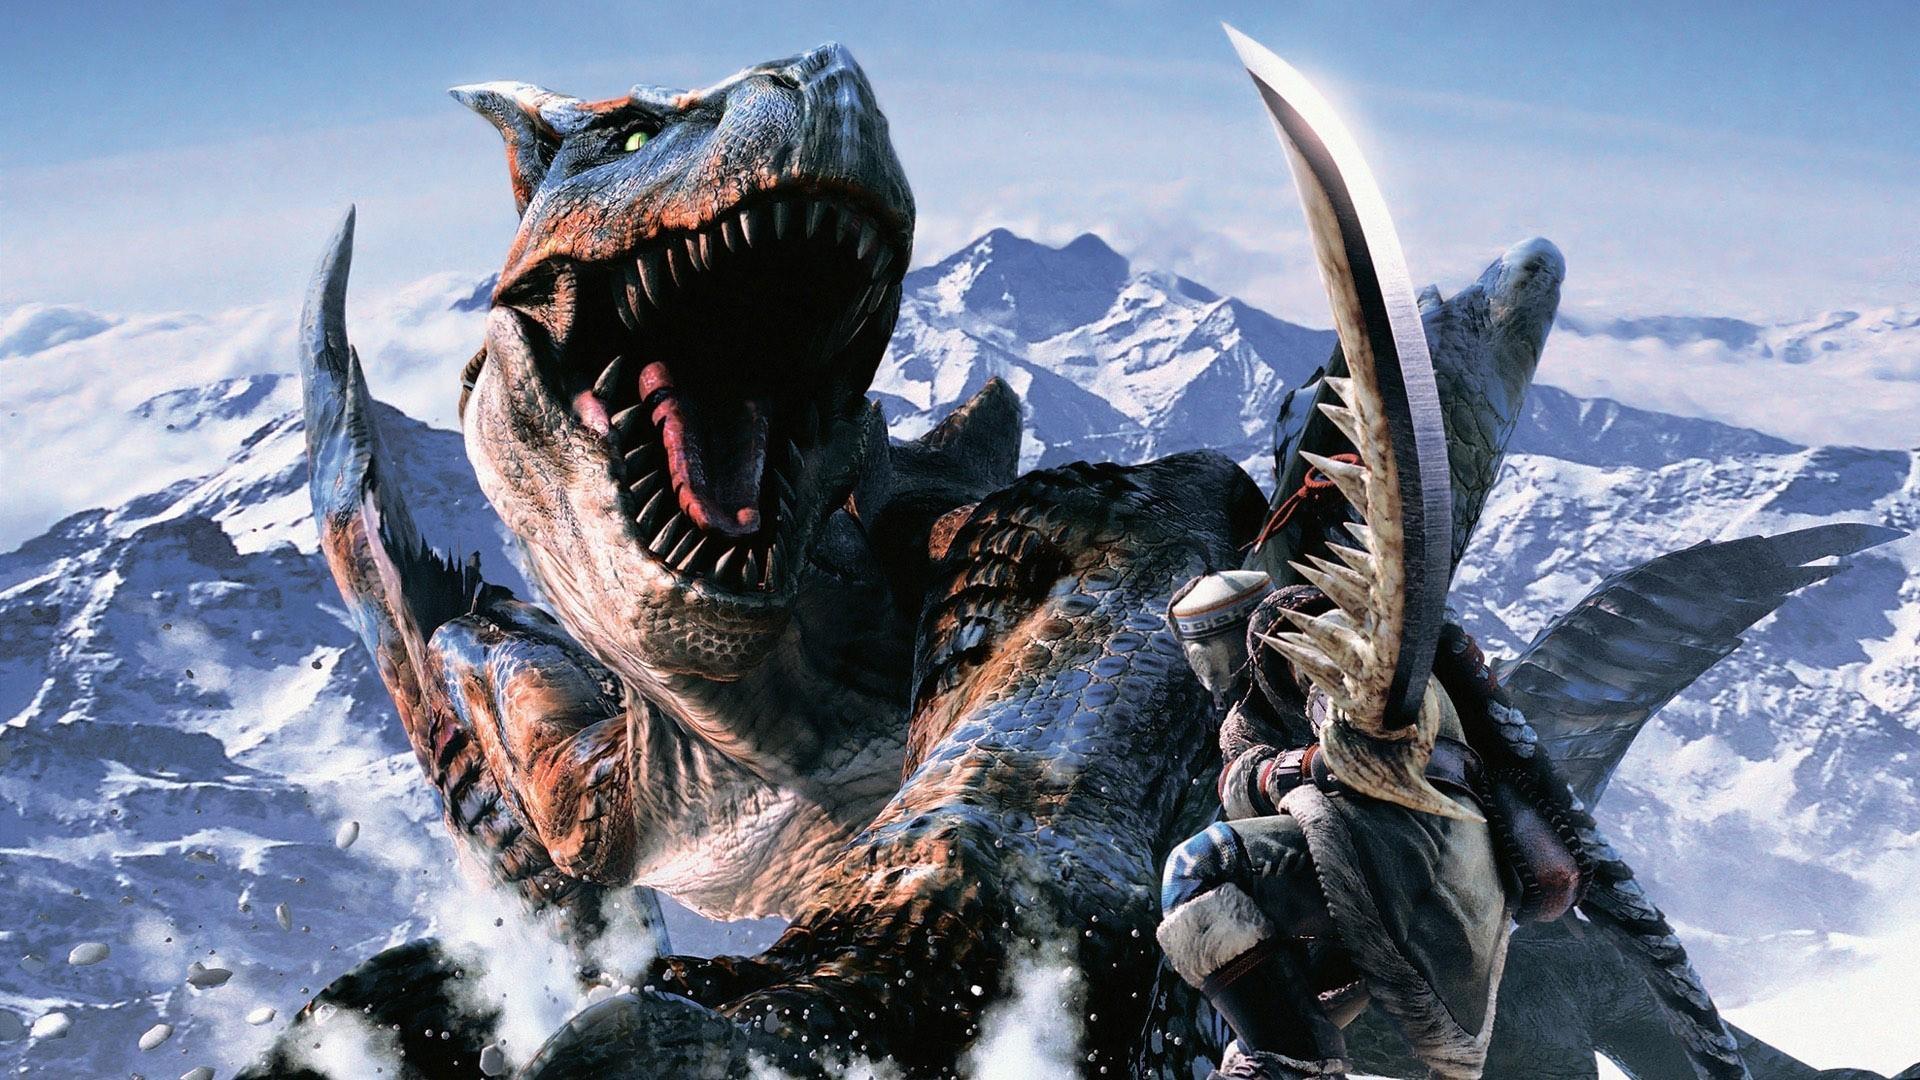 Monster Hunter Wallpapers - Top Free Monster Hunter